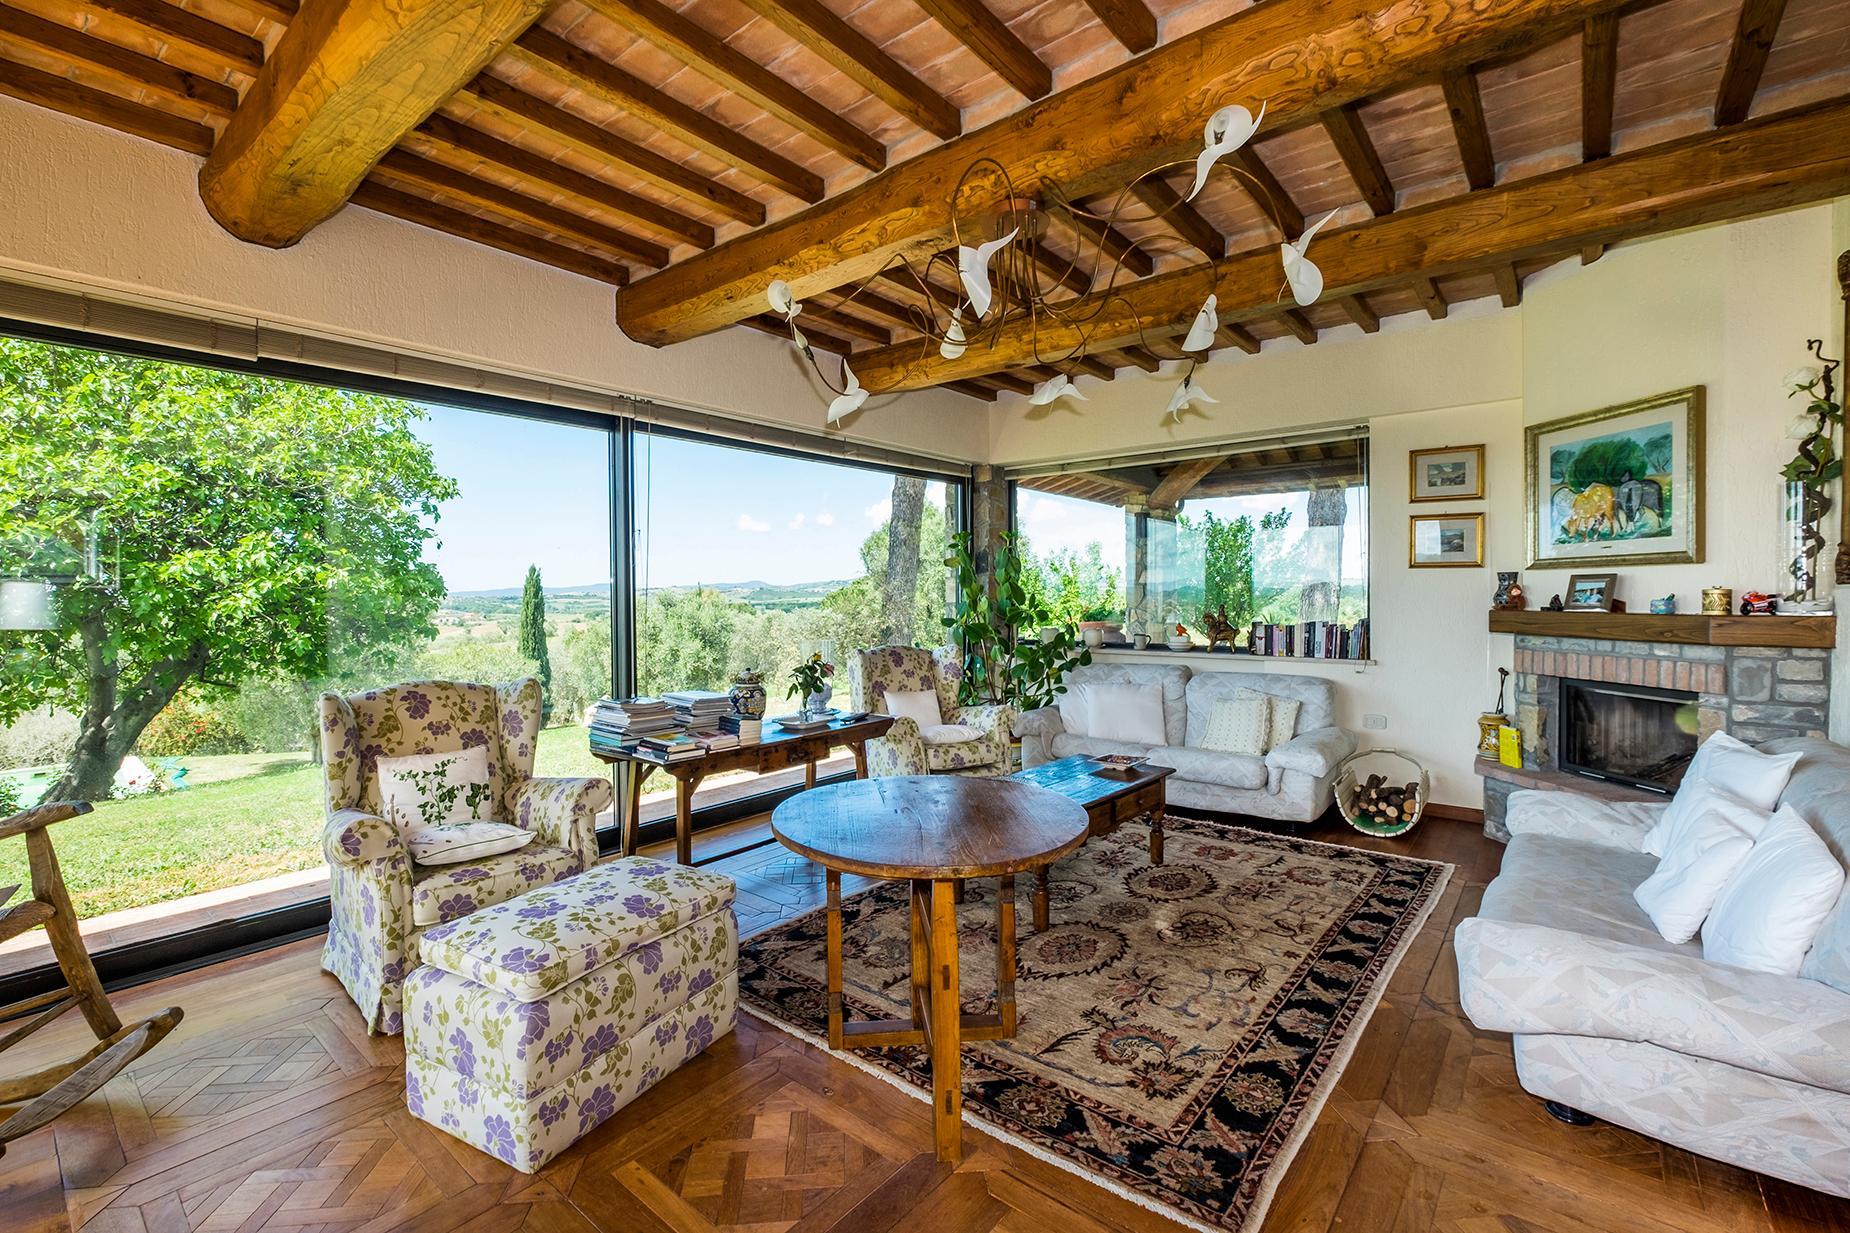 Fein restauriertes Bauernhaus auf den toskanischen Hügeln - 1